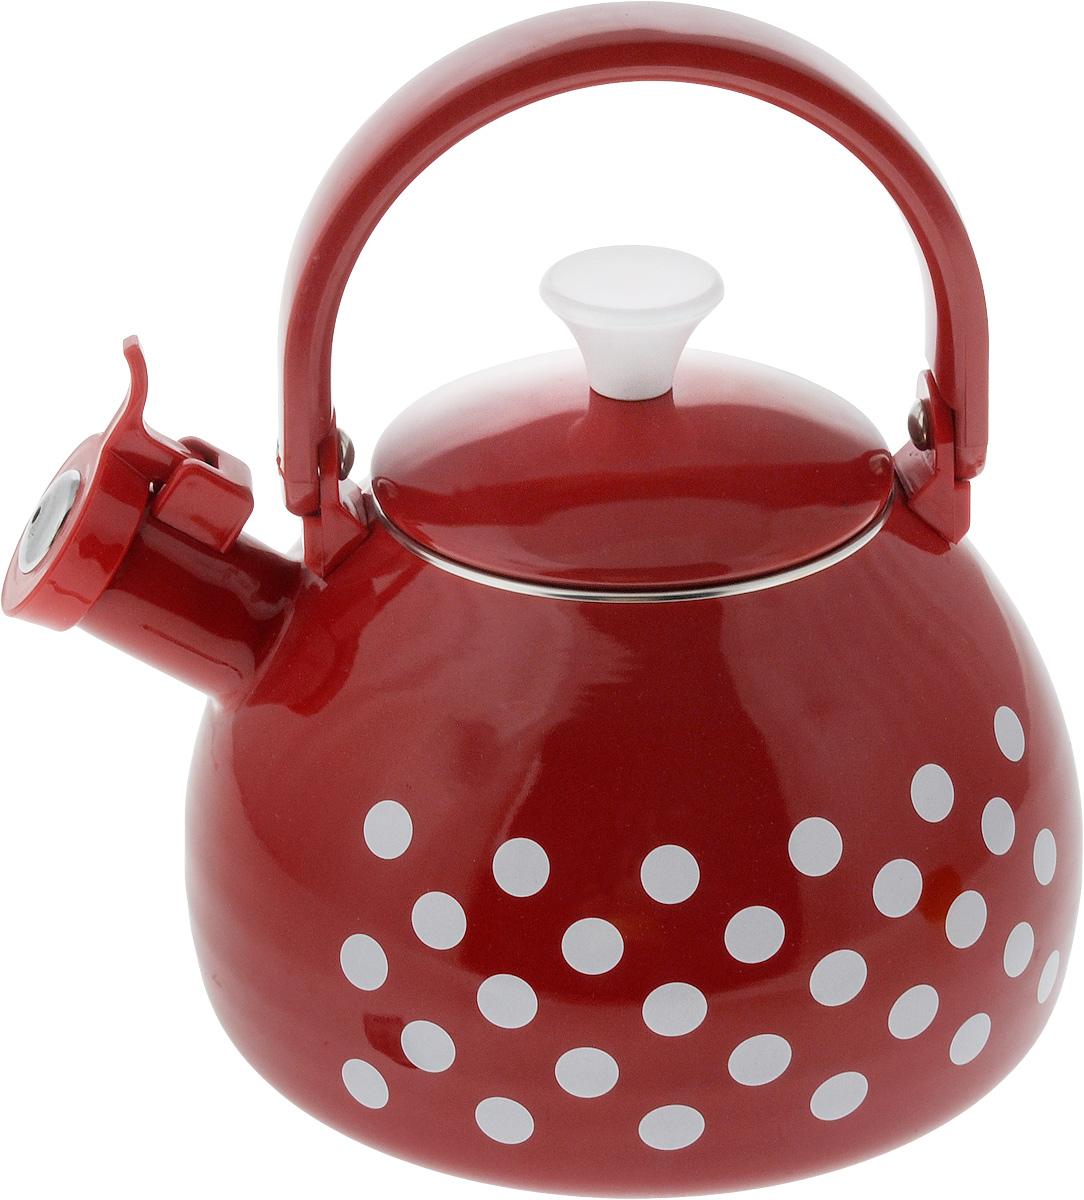 Чайник эмалированный Мetrot Горох, 2,75 л170701Чайник Мetrot Горох выполнен из стали с эмалированным покрытием. Внешние стенки оформлены ярким рисунком. Эмалированная посуда инертна и устойчива к пищевым кислотам, не вступает во взаимодействие с продуктами и не искажает их вкусовые качества. Эмалевое покрытие, являясь стекольной массой, не вызывает аллергию и надежно защищает пищу от контакта с металлом. Кроме того, такое покрытие долговечно, оно устойчиво к механическому воздействию, не царапается и не сходит, а стальная основа практически не подвержена механической деформации, благодаря чему срок эксплуатации увеличивается. Носик чайника оснащен насадкой-свистком, что позволит вам контролировать процесс подогрева или кипячения воды. Подвижная ручка изготовлена из качественного металла. Эстетичный и функциональный чайник будет оригинально смотреться в любом интерьере. Подходит для всех типов плит, включая галогеновые конфорки и индукционные плиты. Можно мыть в посудомоечной машине. ...